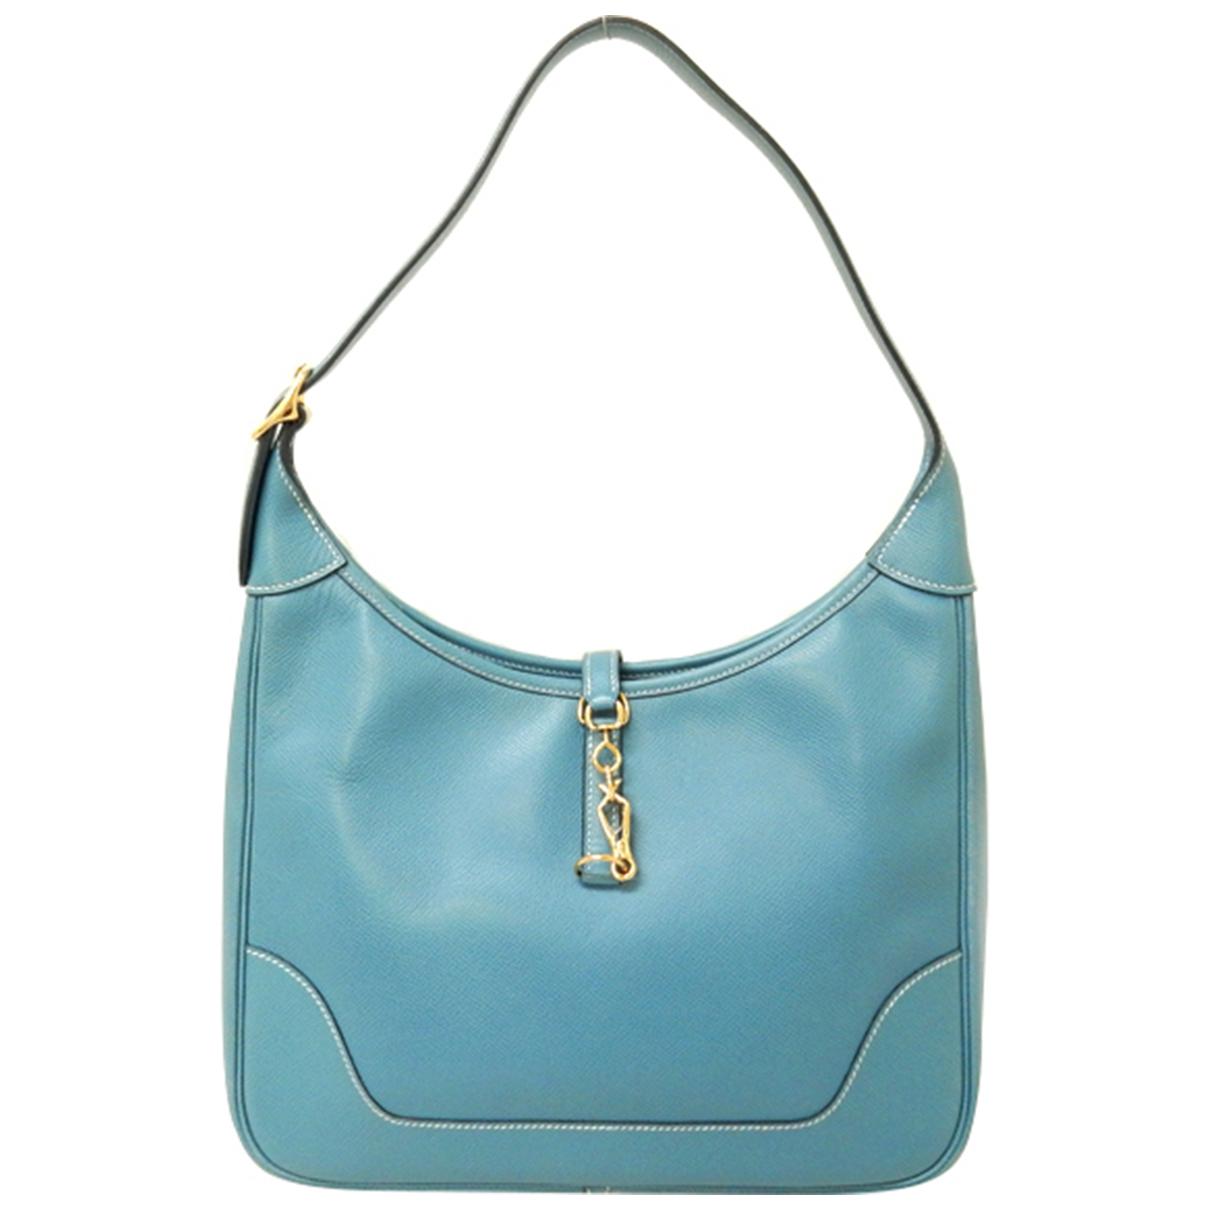 Hermes Trim Handtasche in  Blau Leder